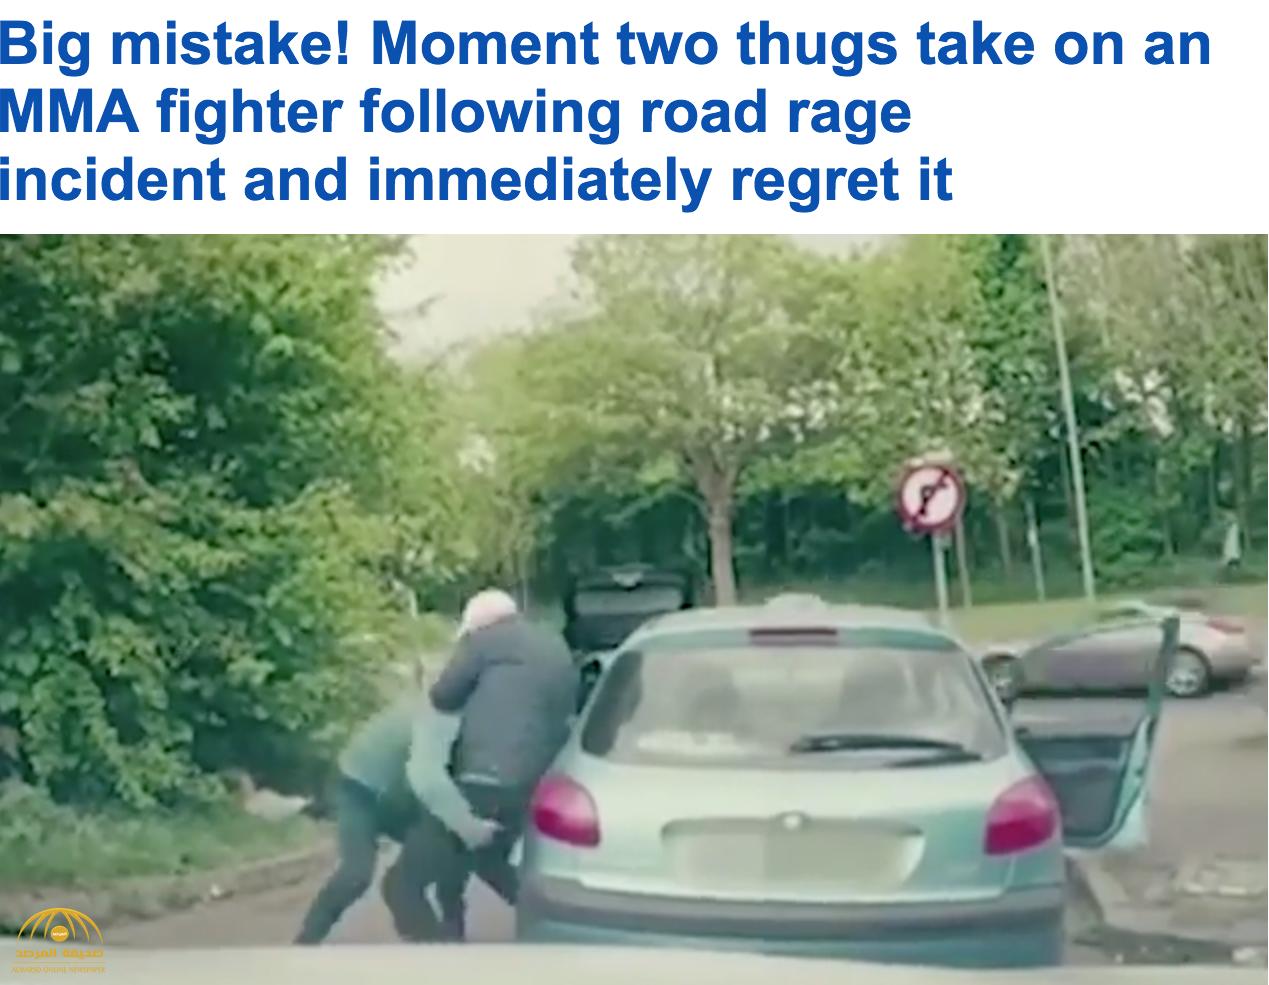 شاهد: نهاية غير متوقعة لاثنين من البلطجية حاولا الاعتداء على صاحب سيارة في الطريق